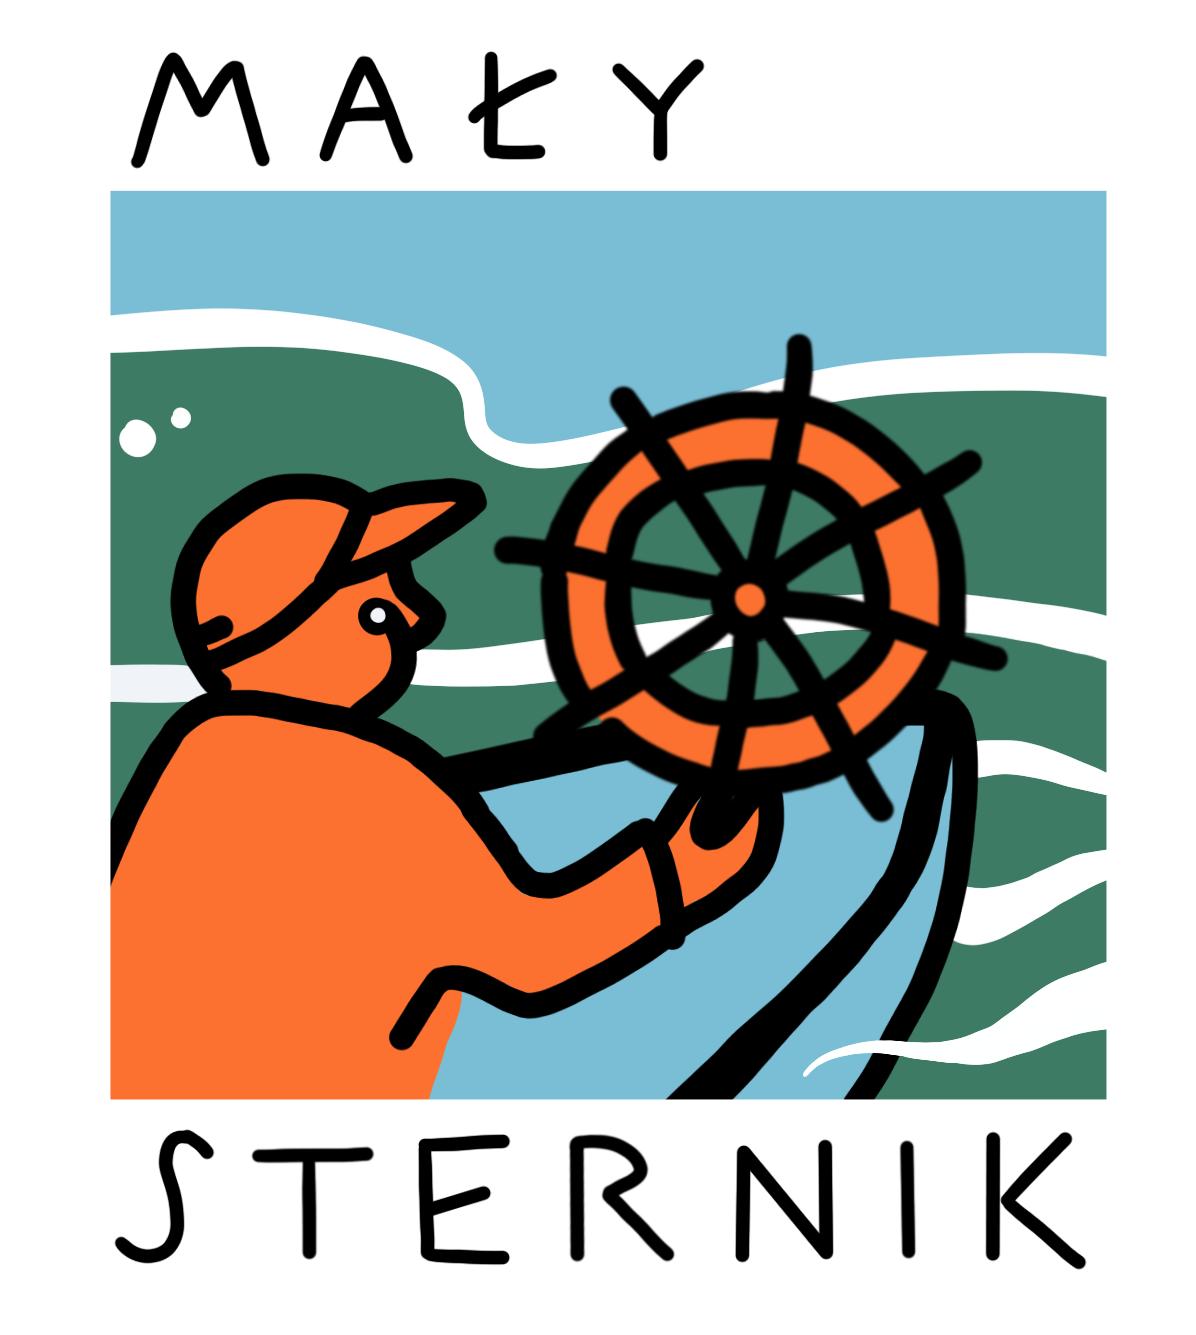 Maly_Sternik_logo